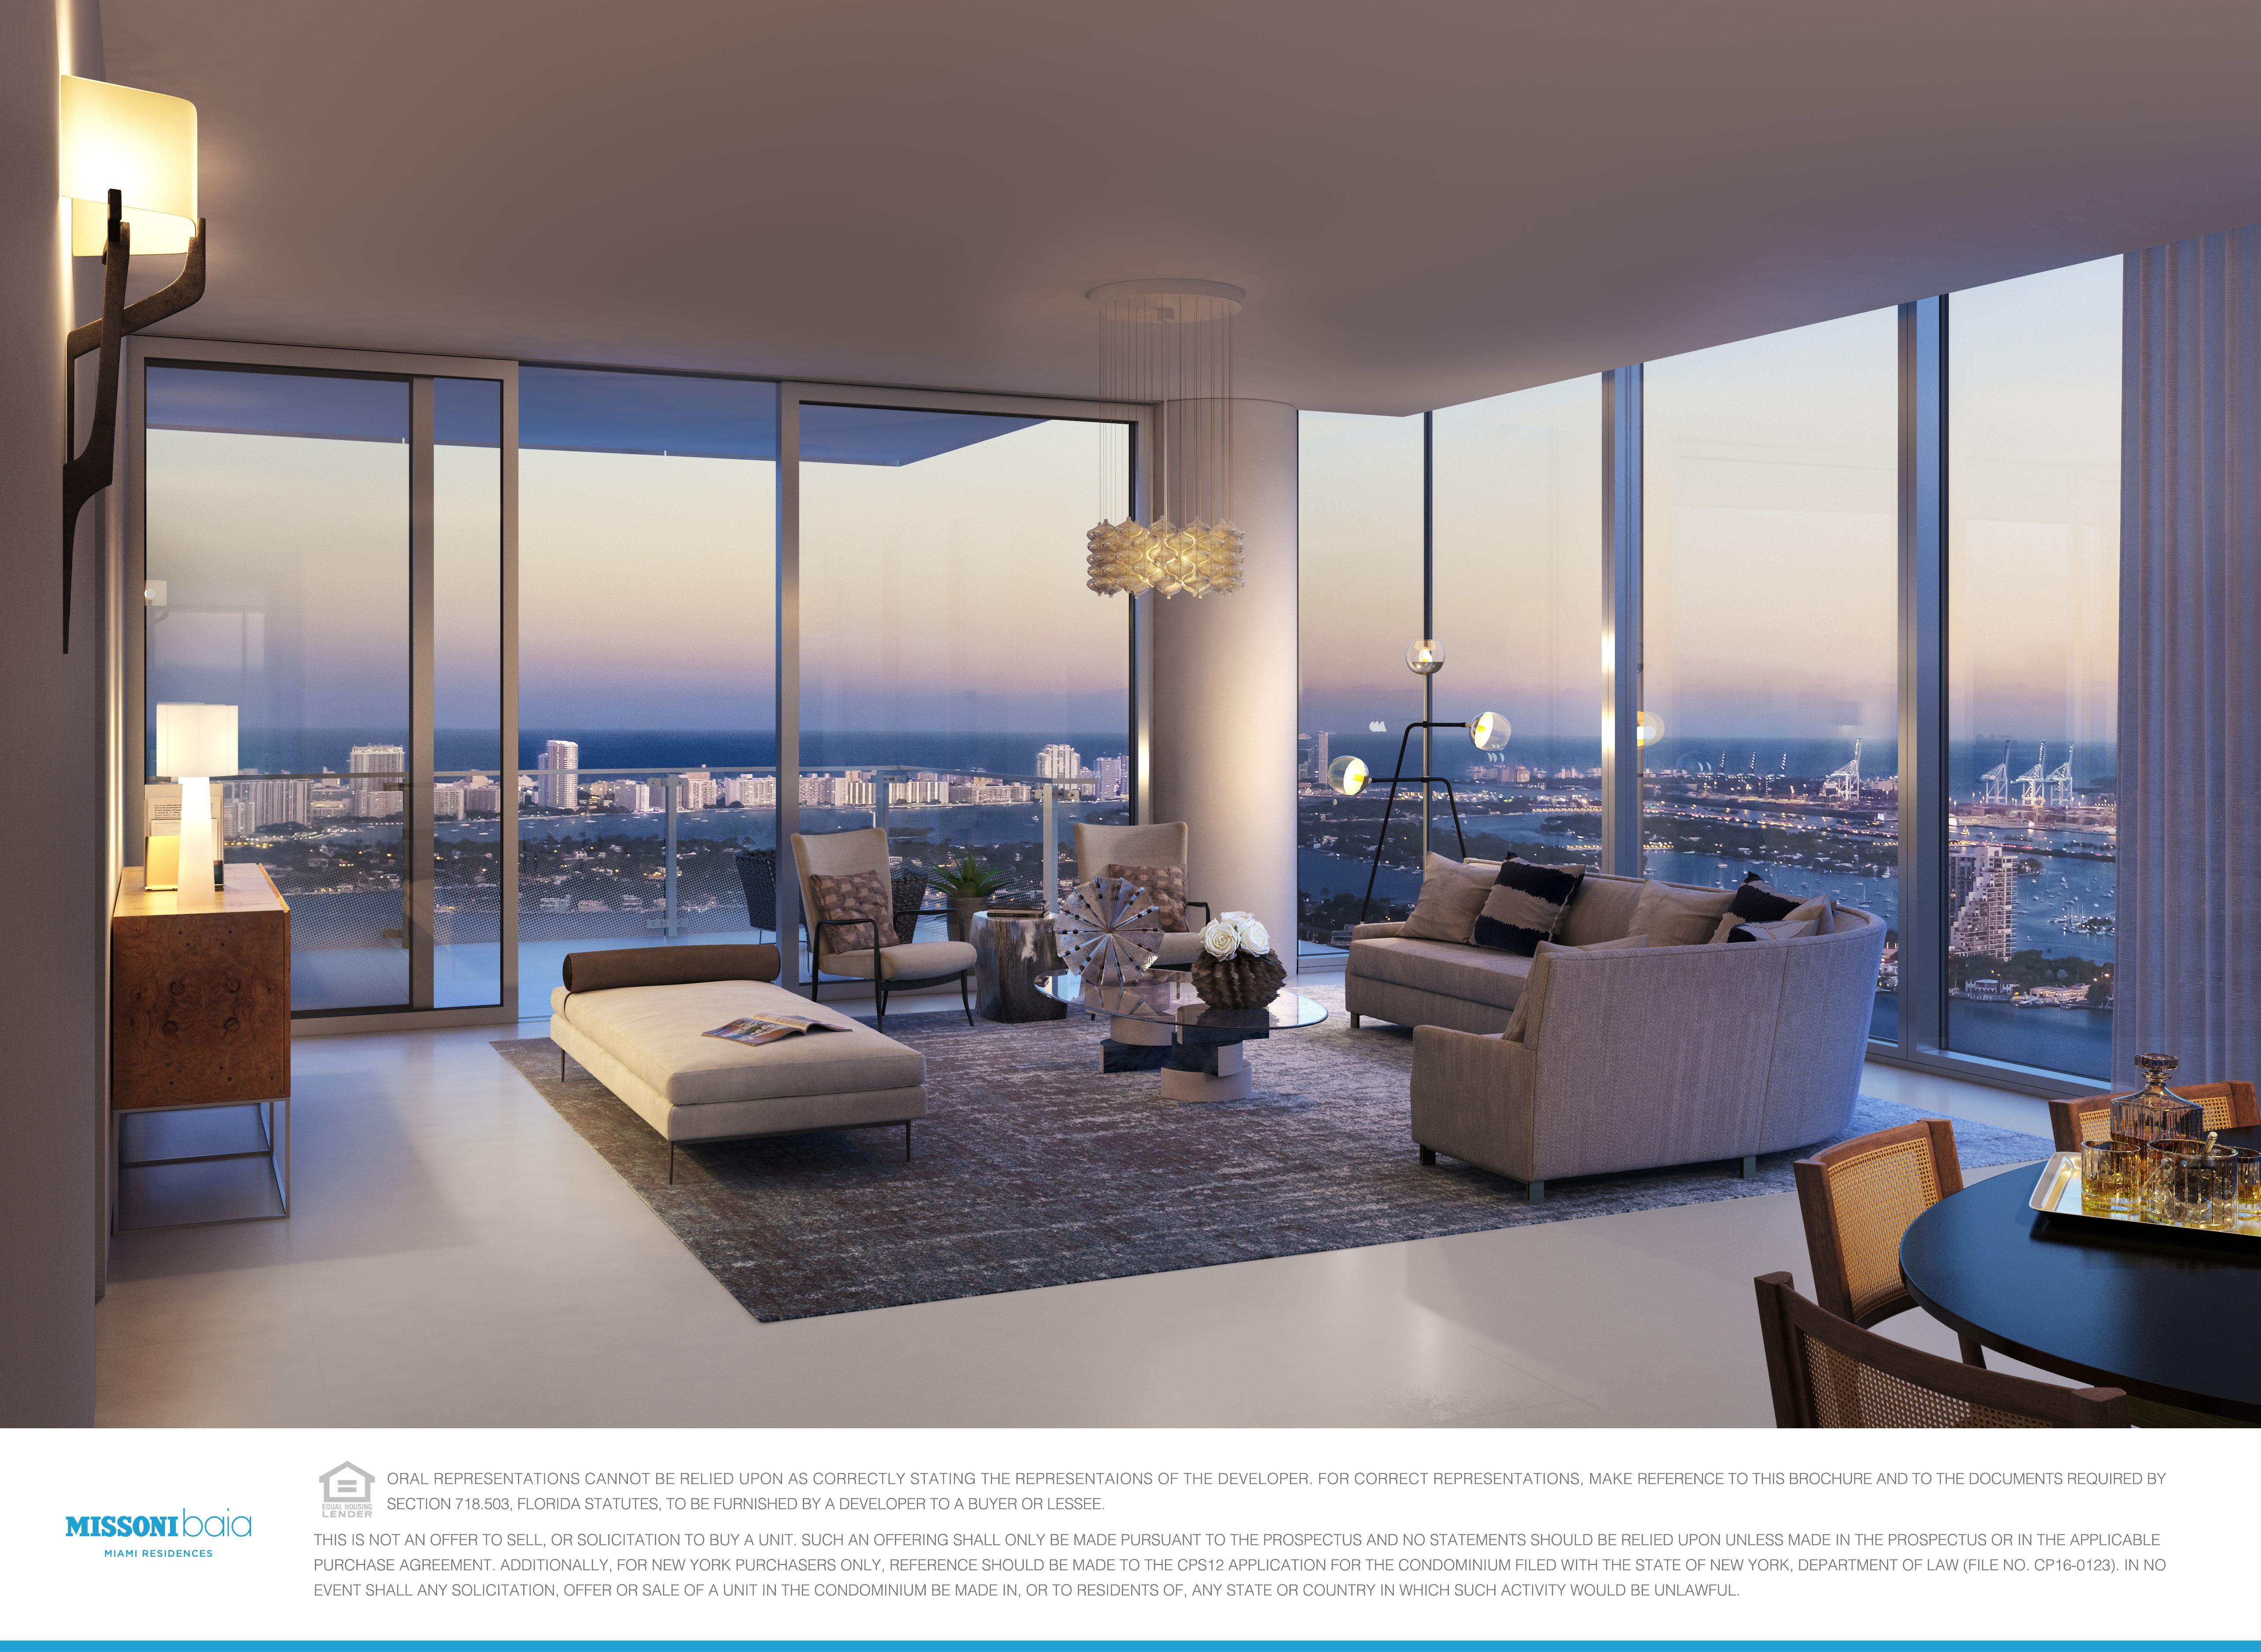 Miami Inmobiliaria Missoni Baia